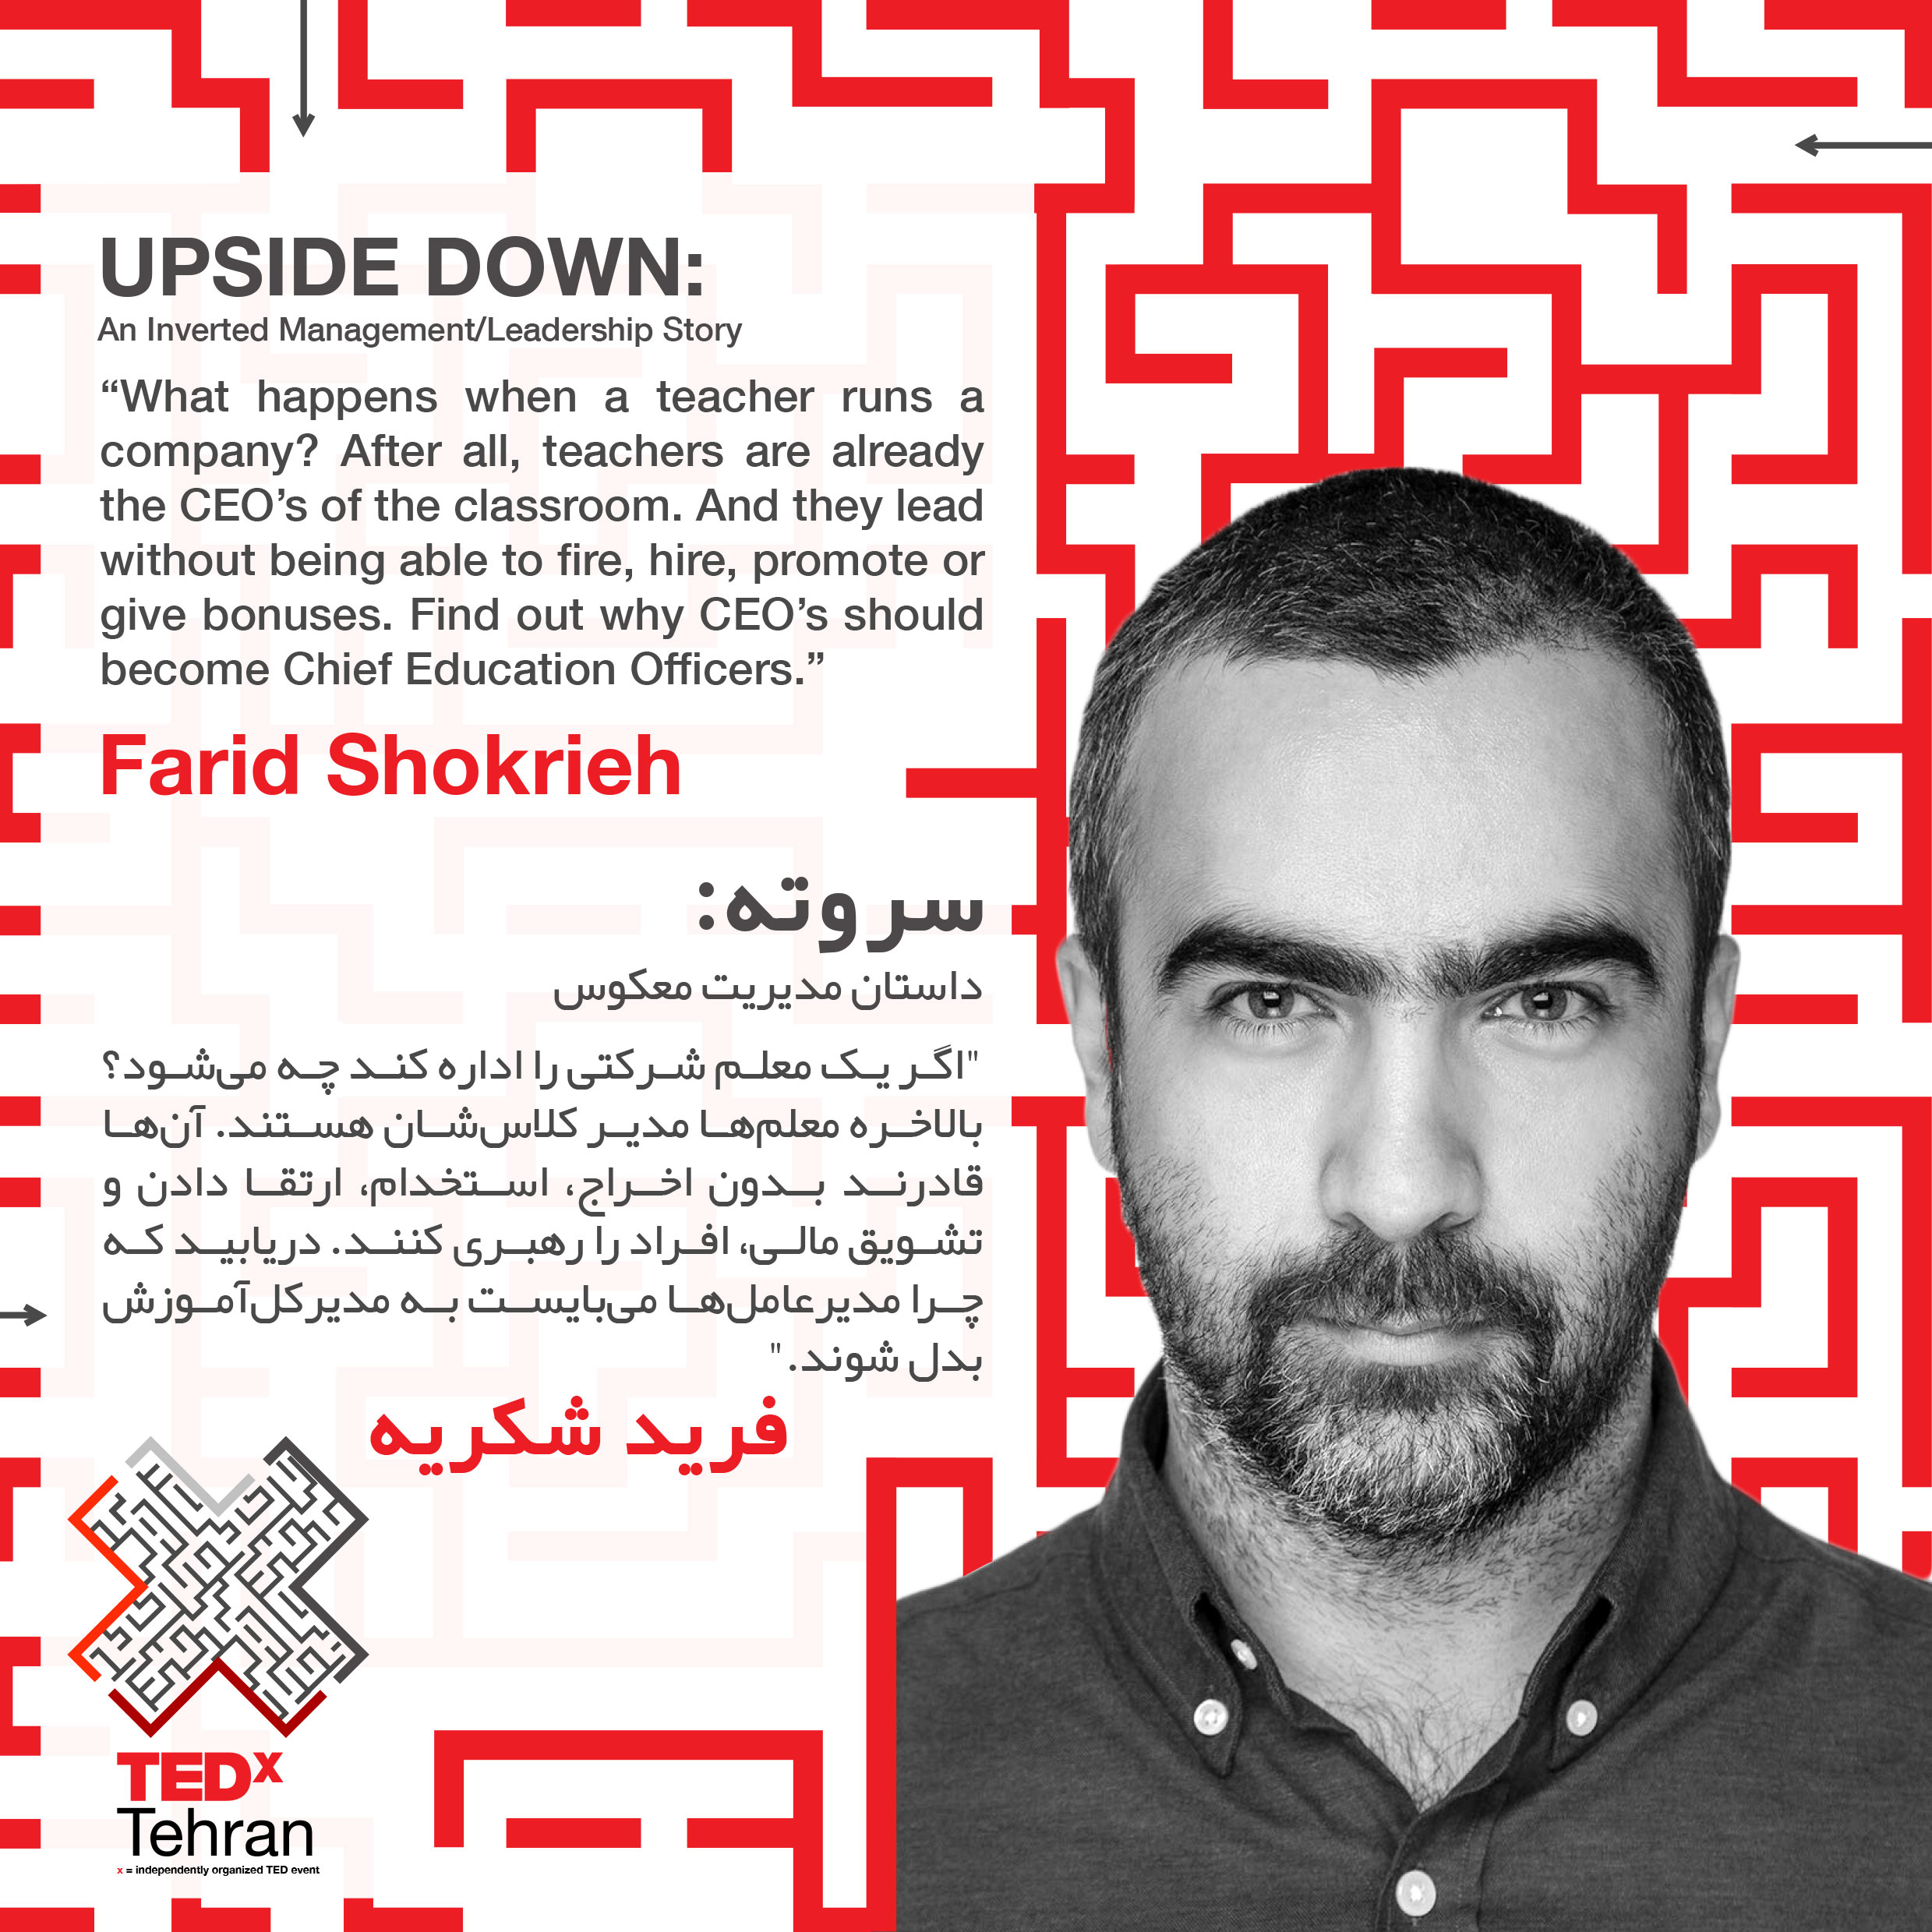 Farid Shokrieh